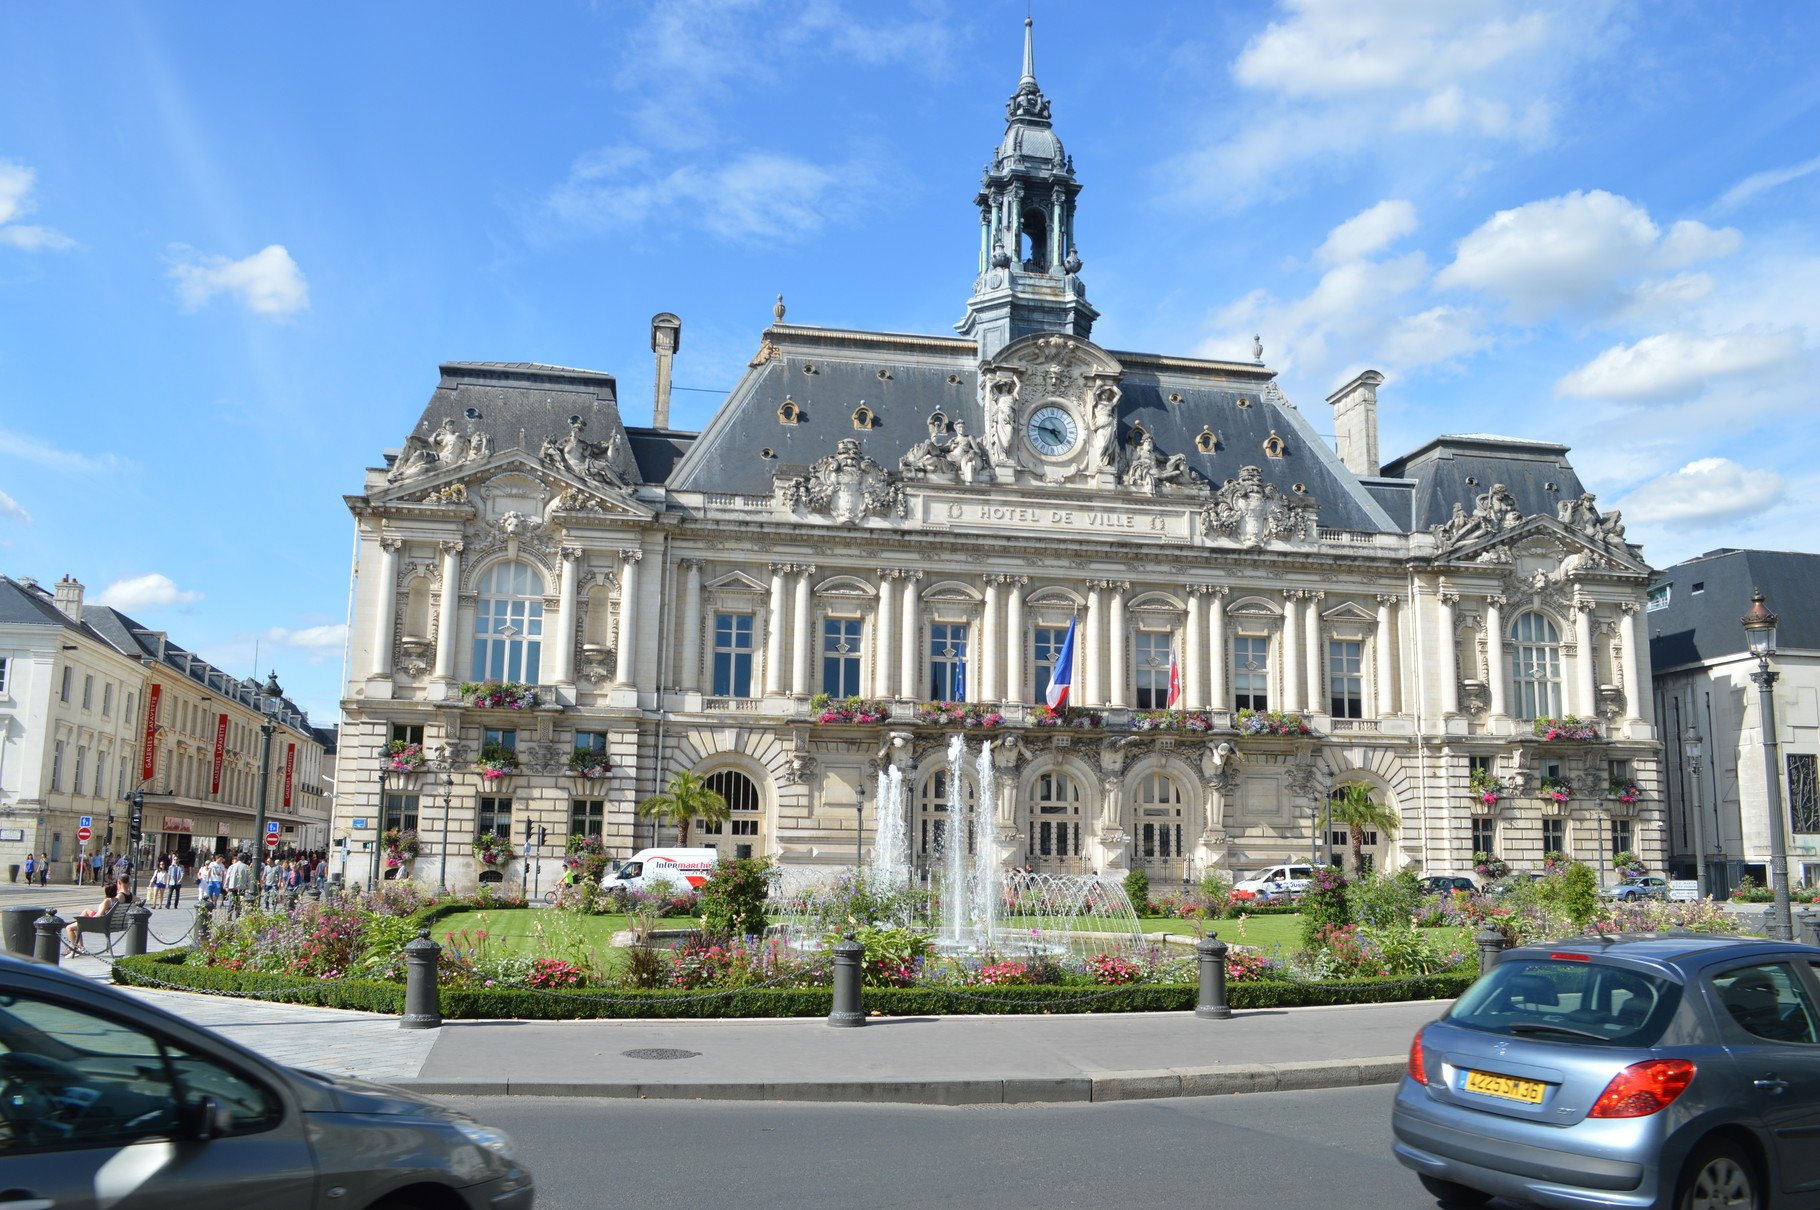 Hôtel de ville de Tours